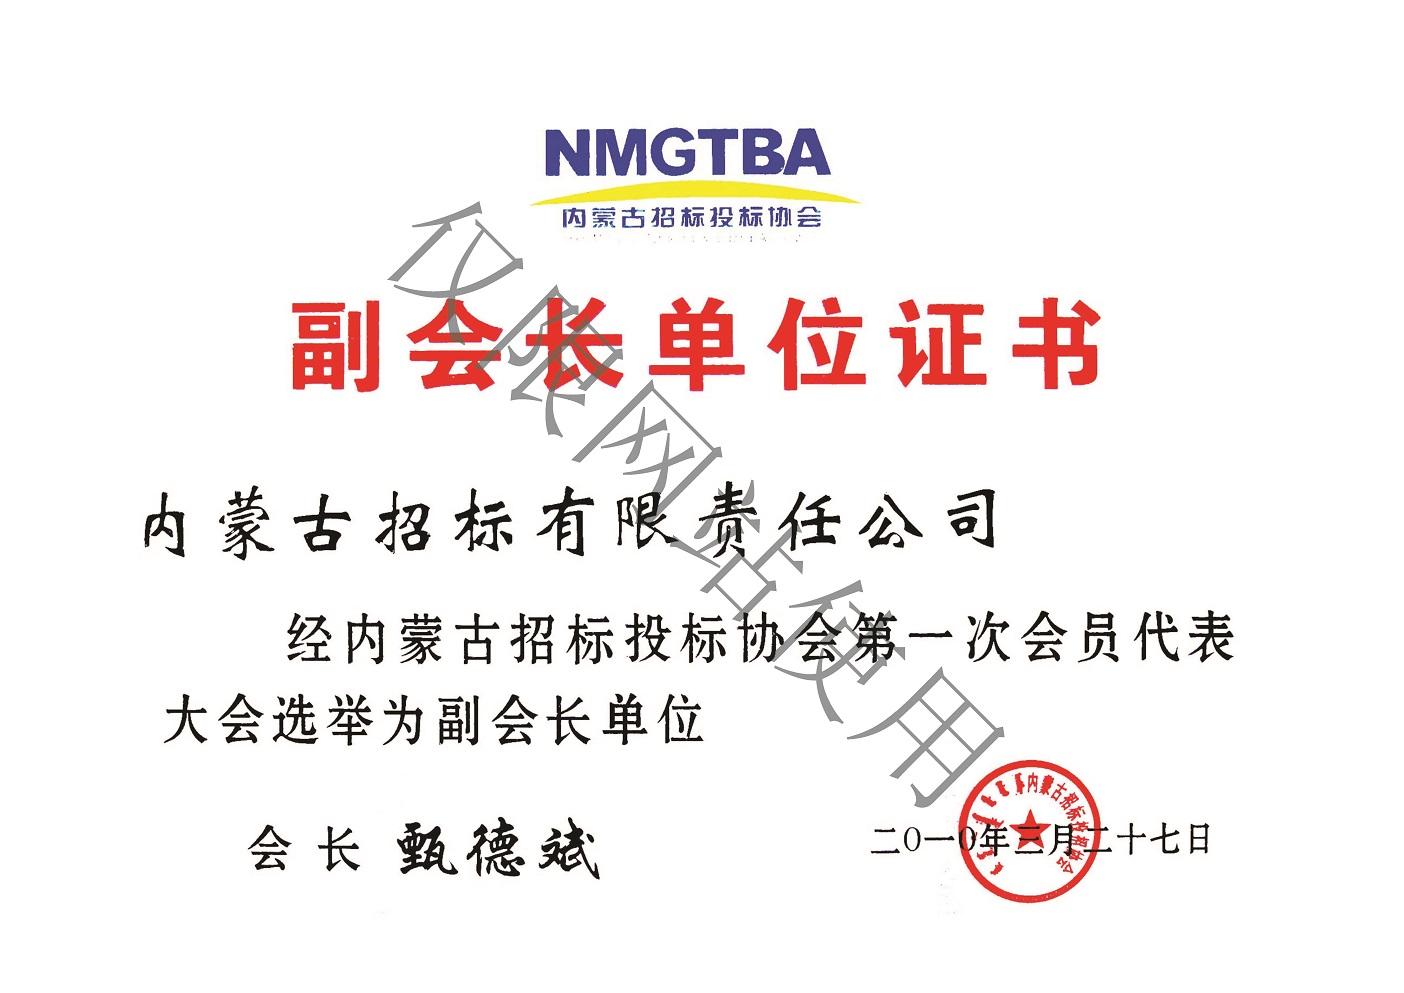 内蒙古zhaotou标协会副会chang证书